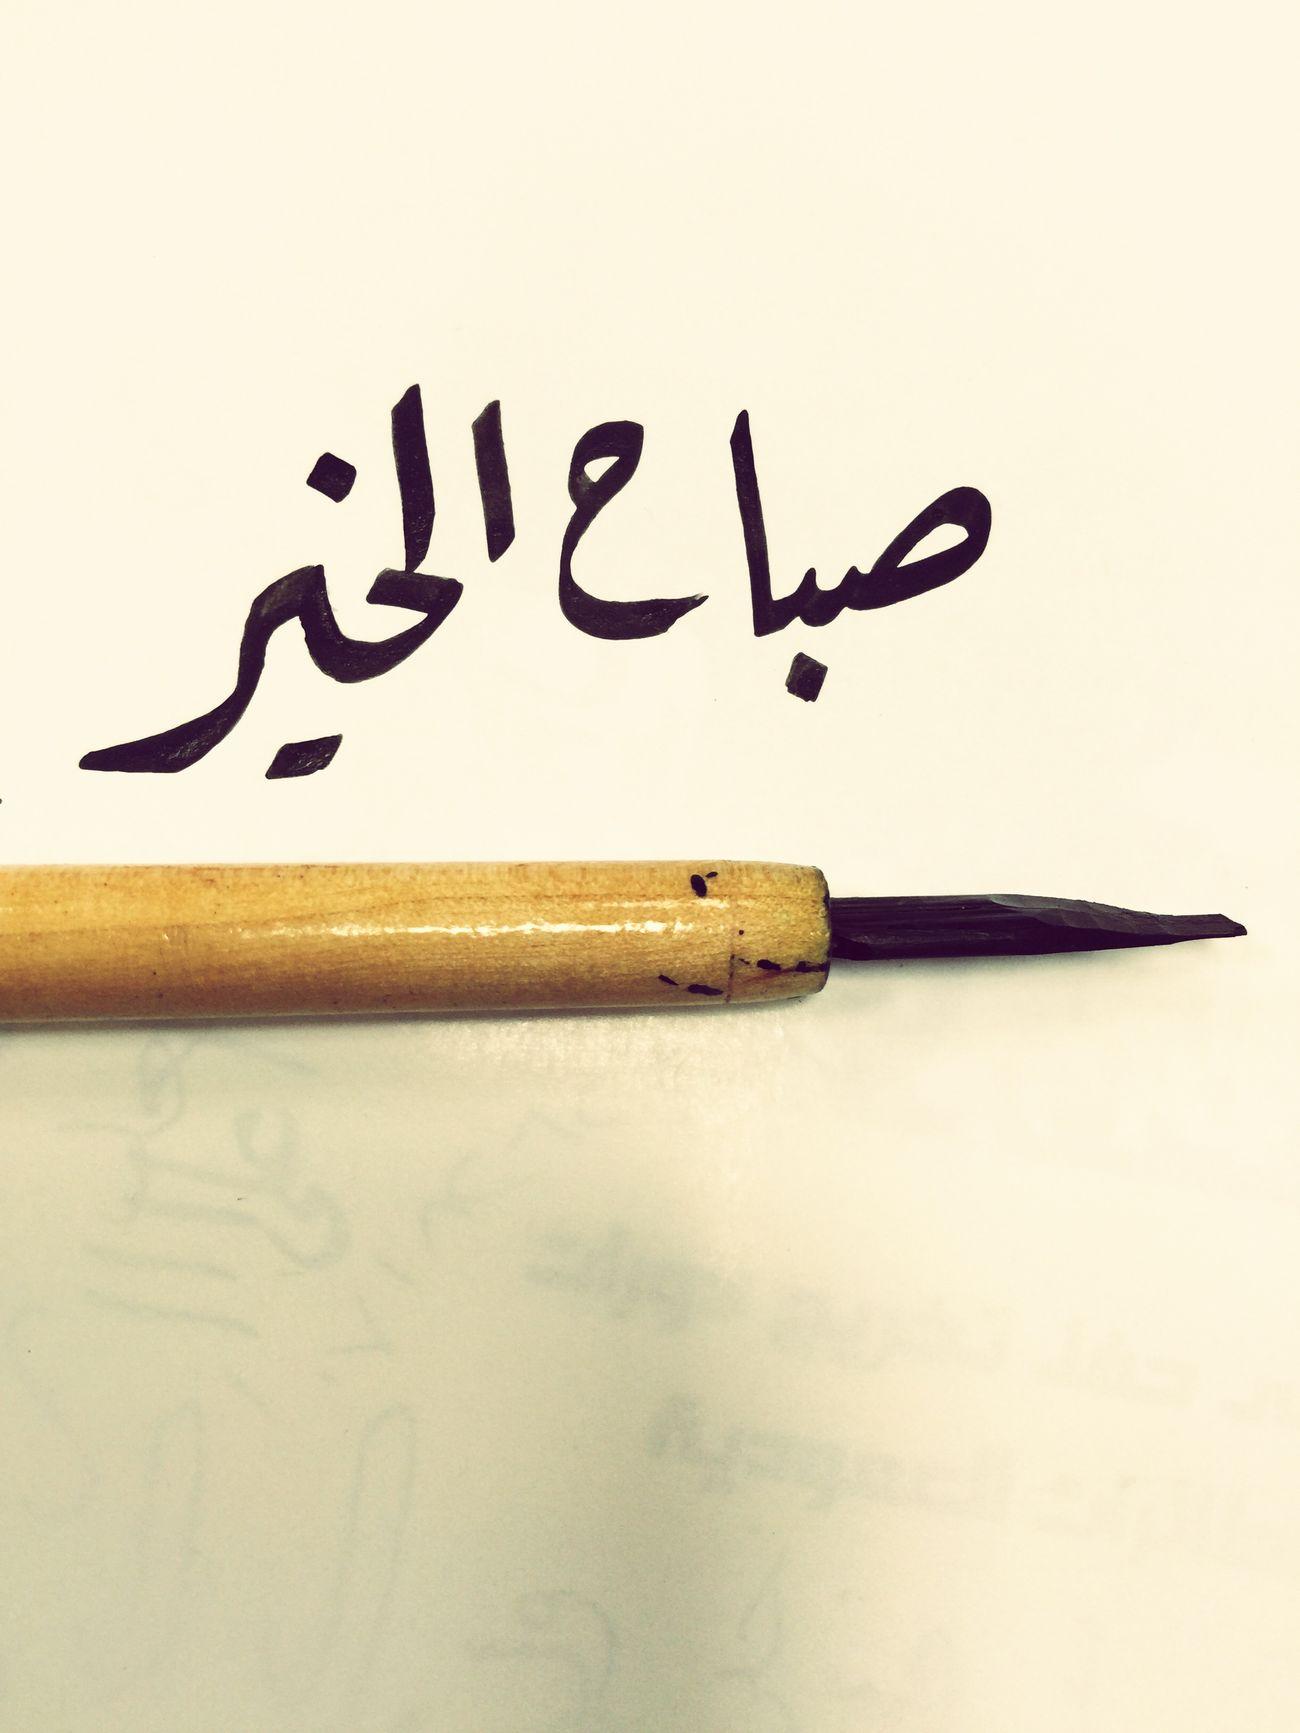 Riyadh خط تمرين تصويري